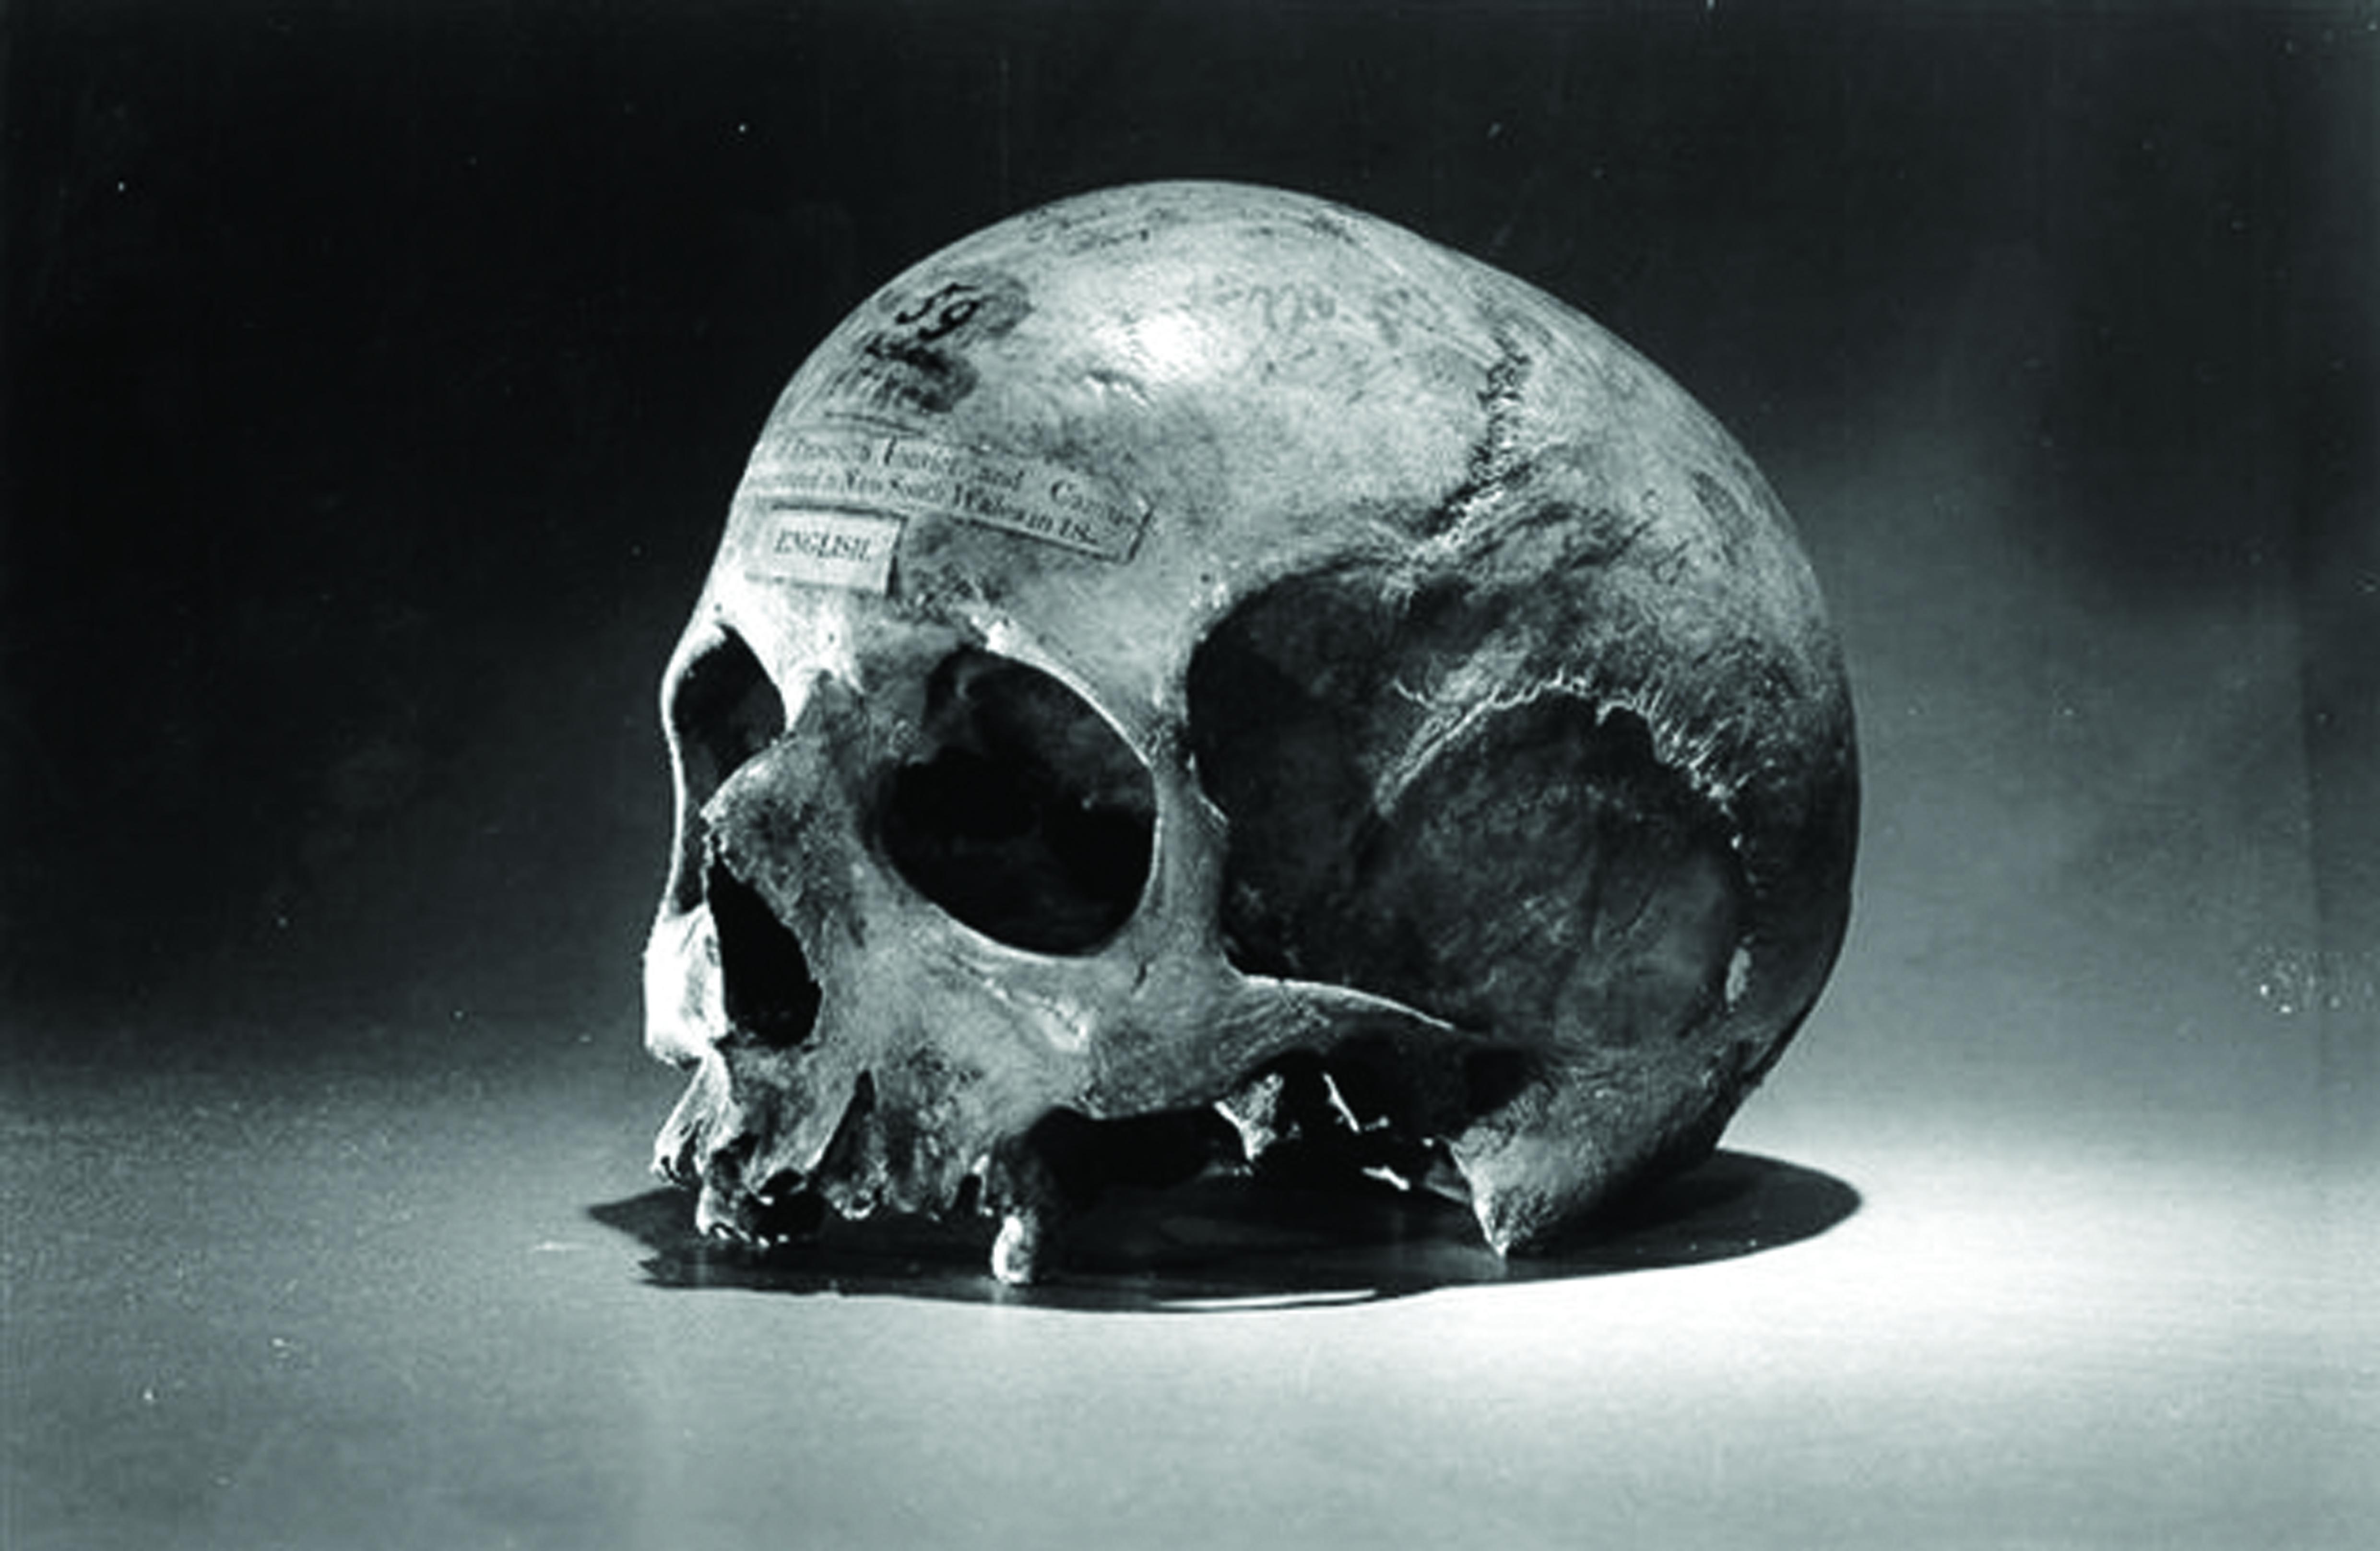 Skull_of_Alexander_Pearce resample